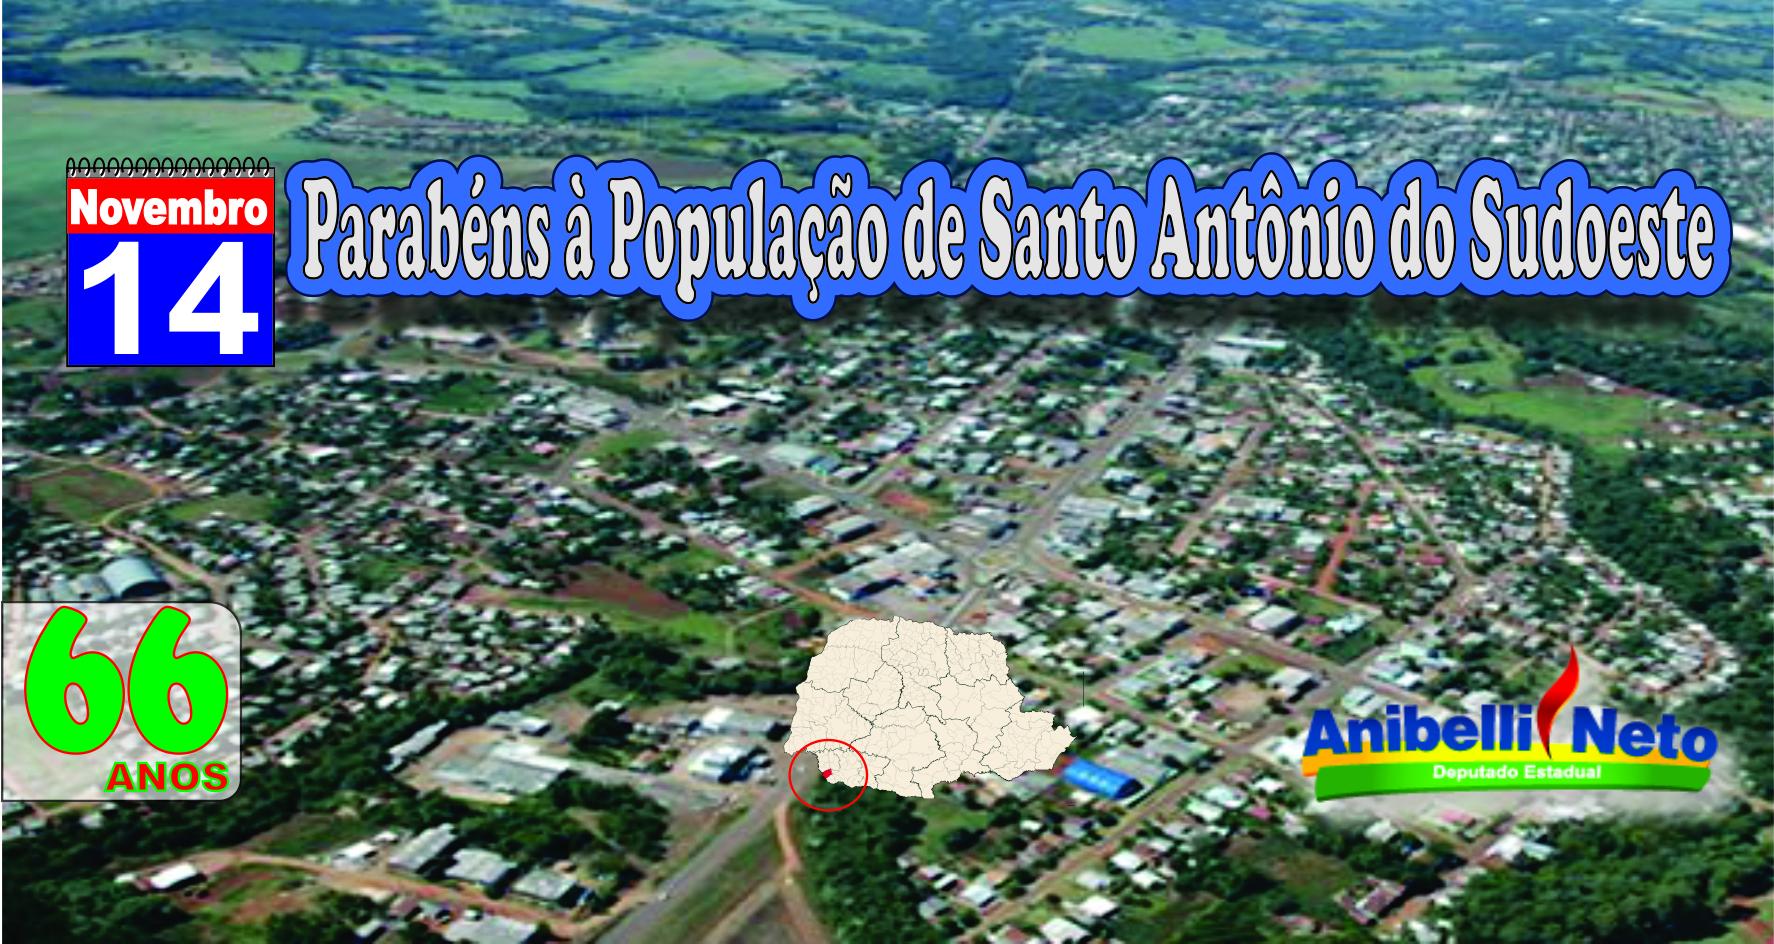 Parabéns à População de Santo Antônio do Sudoeste